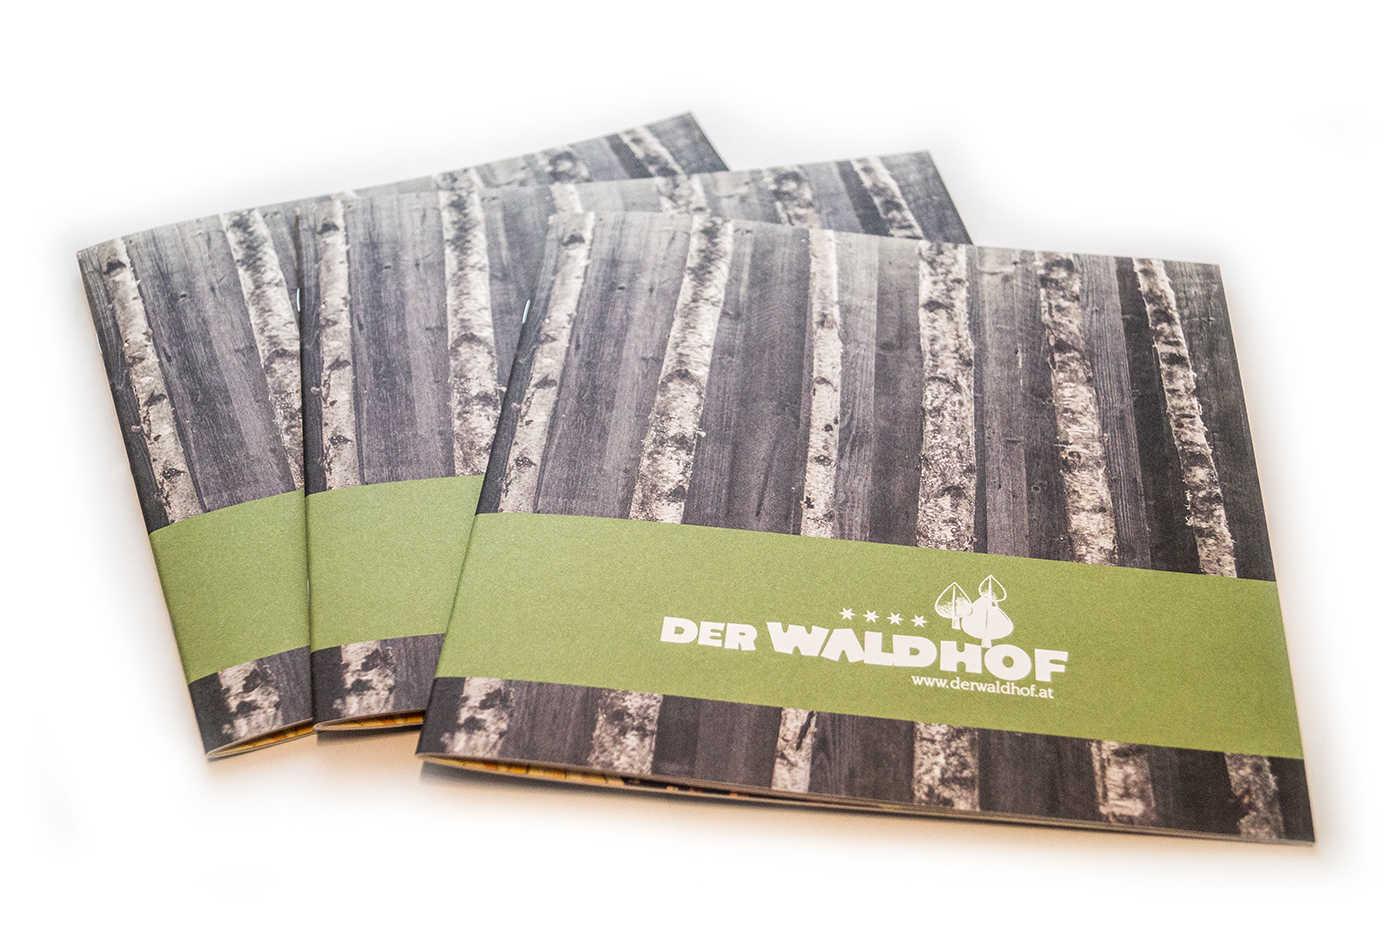 *** Hotel Der Waldhof - Imagebroschüre